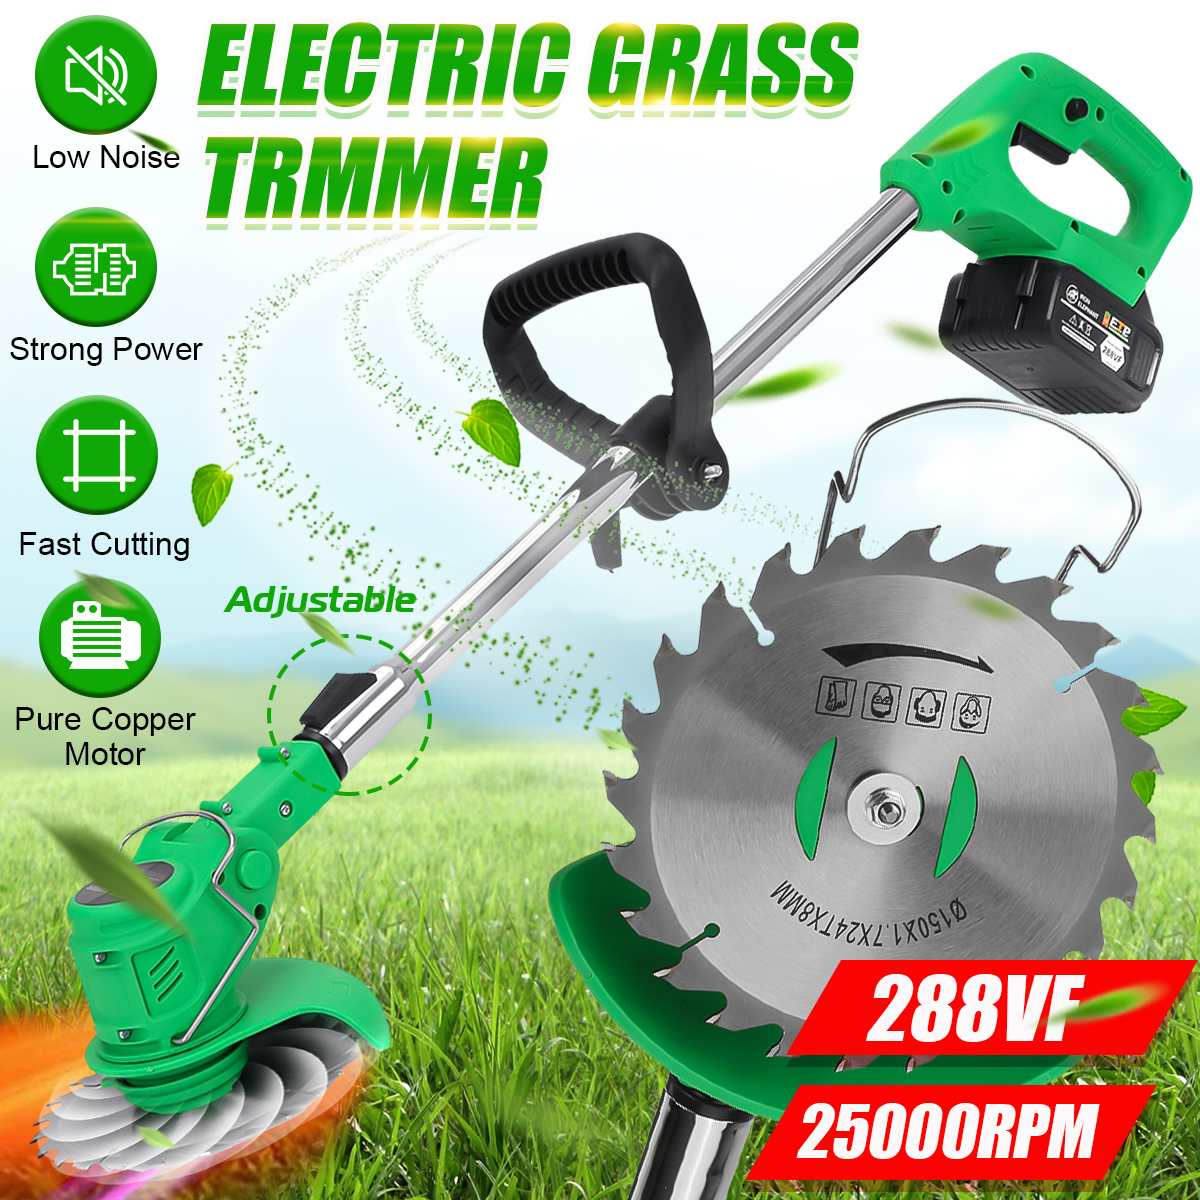 جديد 288VF الكهربائية العشب المتقلب مع 1/2 بطاريات اللاسلكي جزازة العشب طول قابل للتعديل حديقة تشذيب أدوات تقطيع